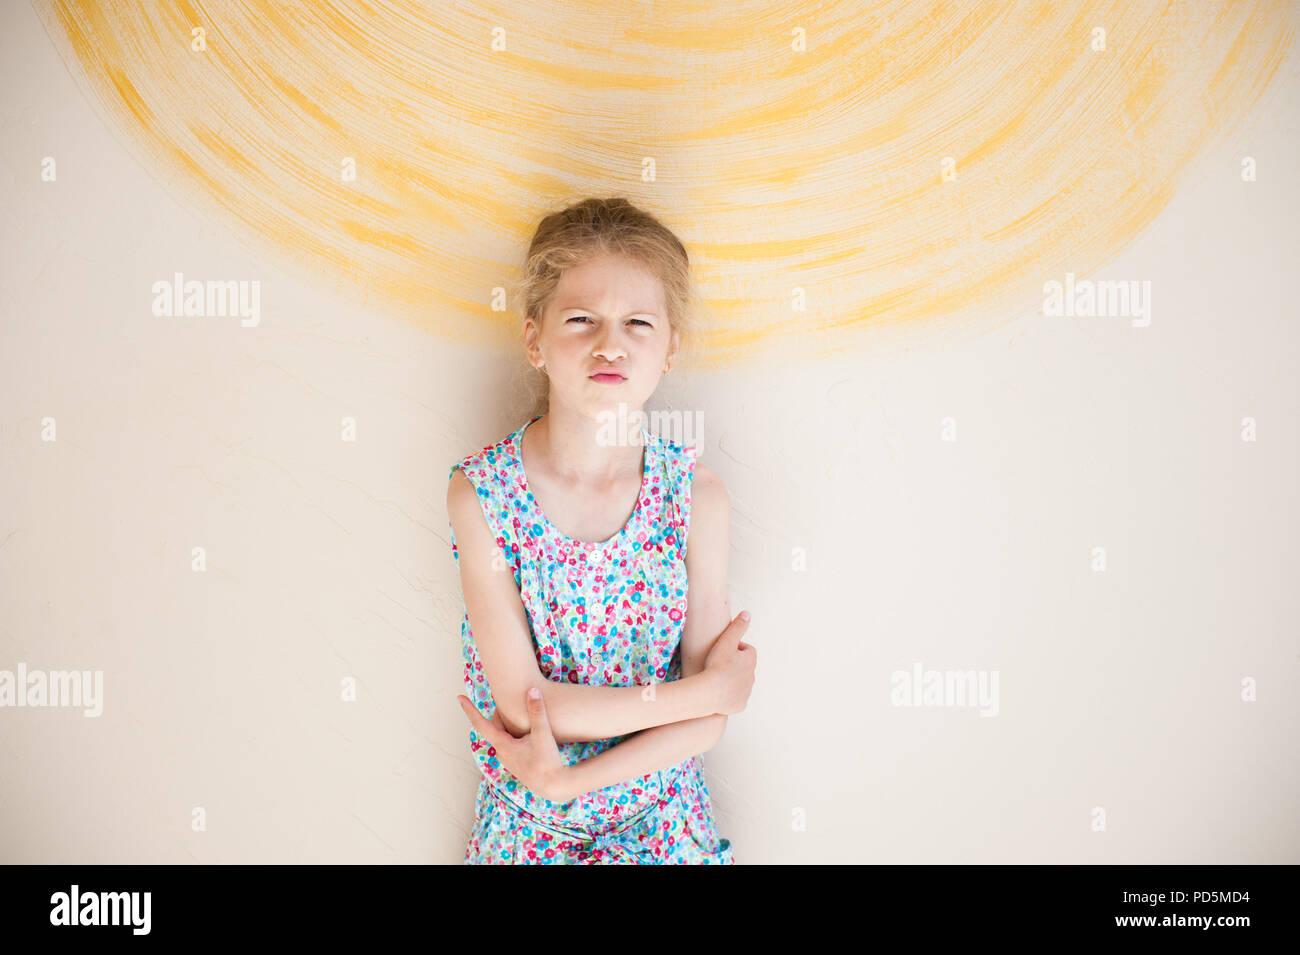 Muy molesto niña con mueca en su cara en vivo con la pared pintada de fondo de sun Imagen De Stock